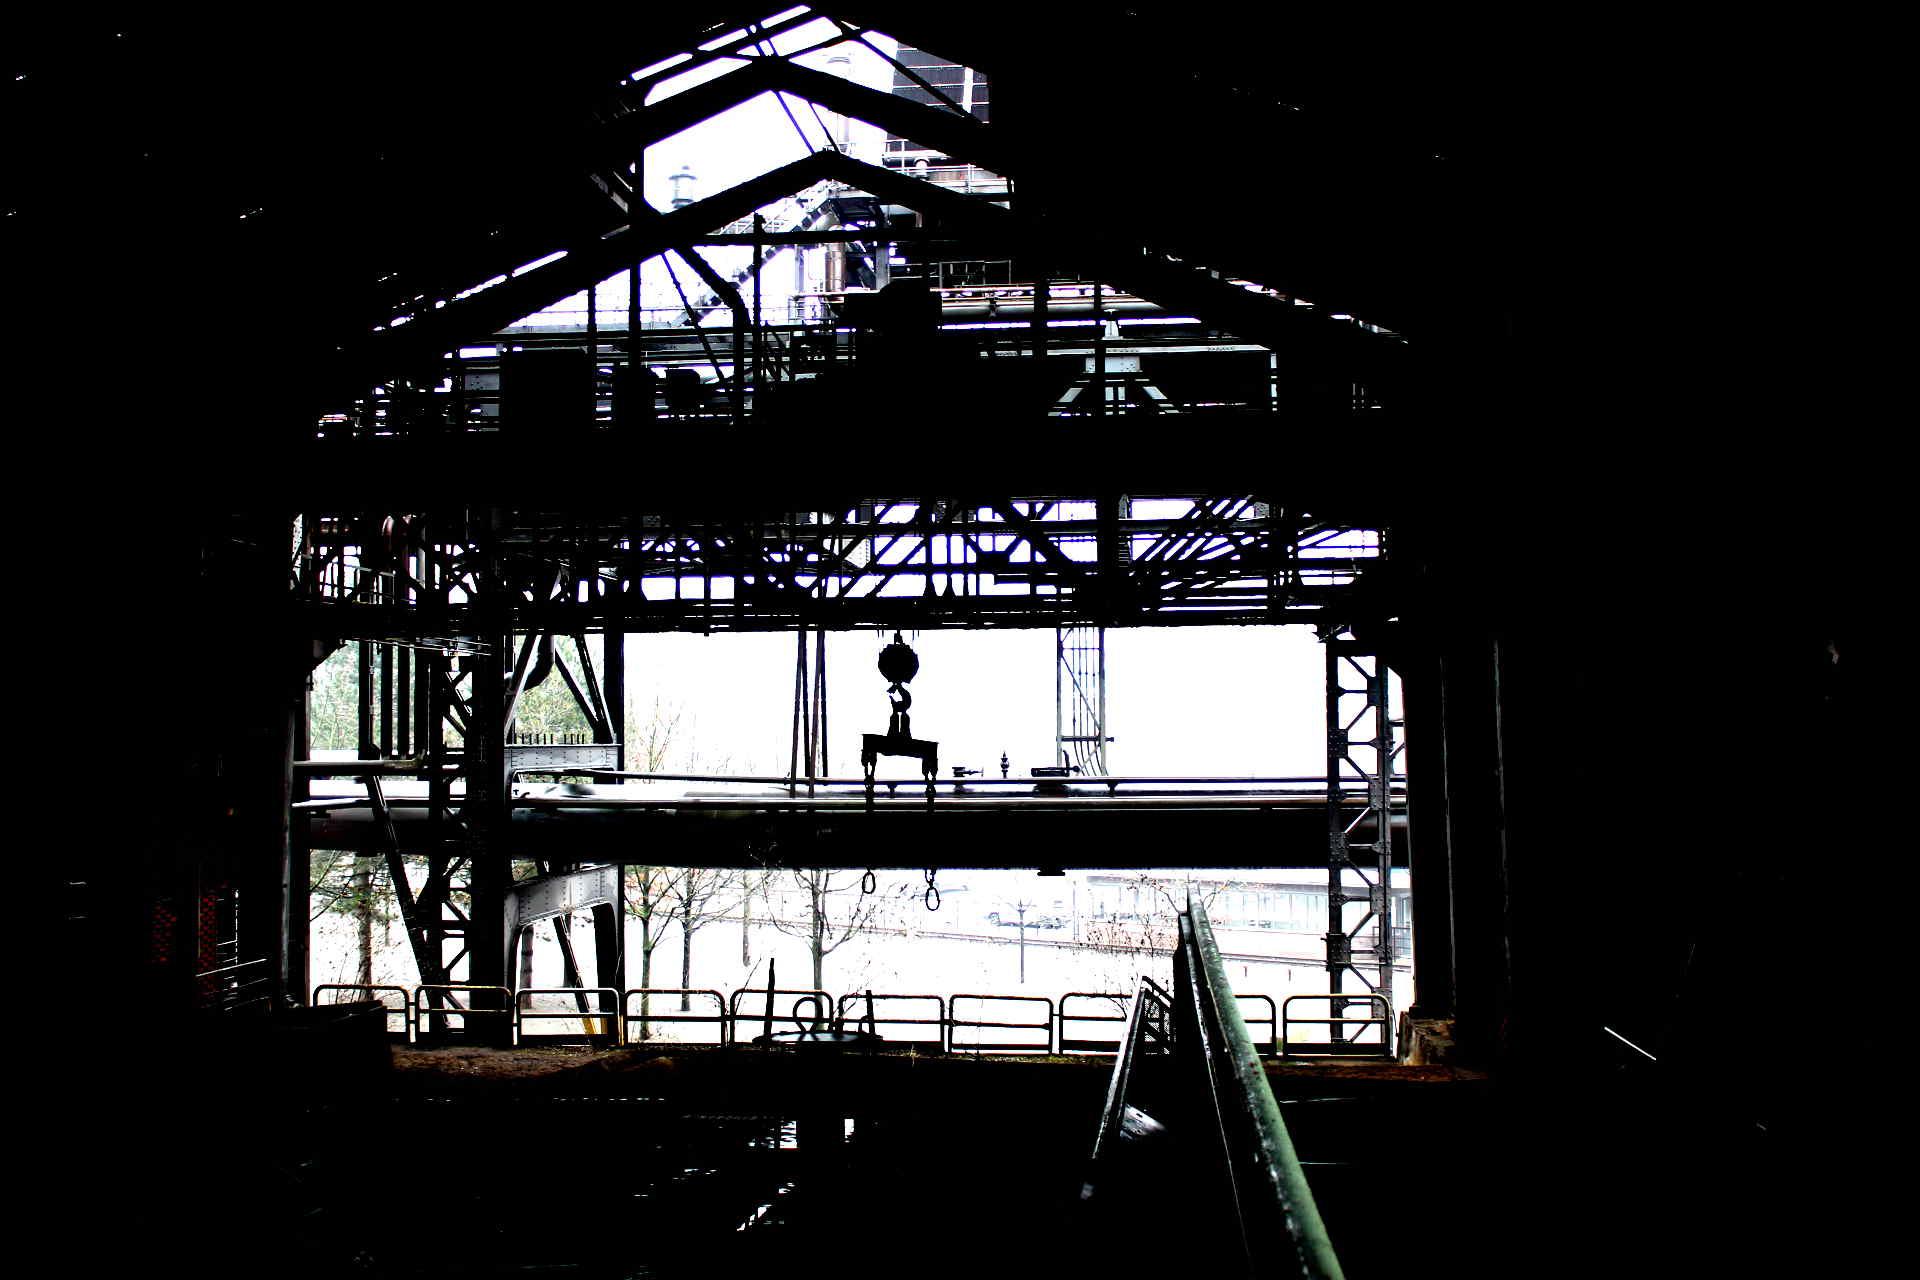 Kohleaausstieg: Halle der alten Zeche Zollverein